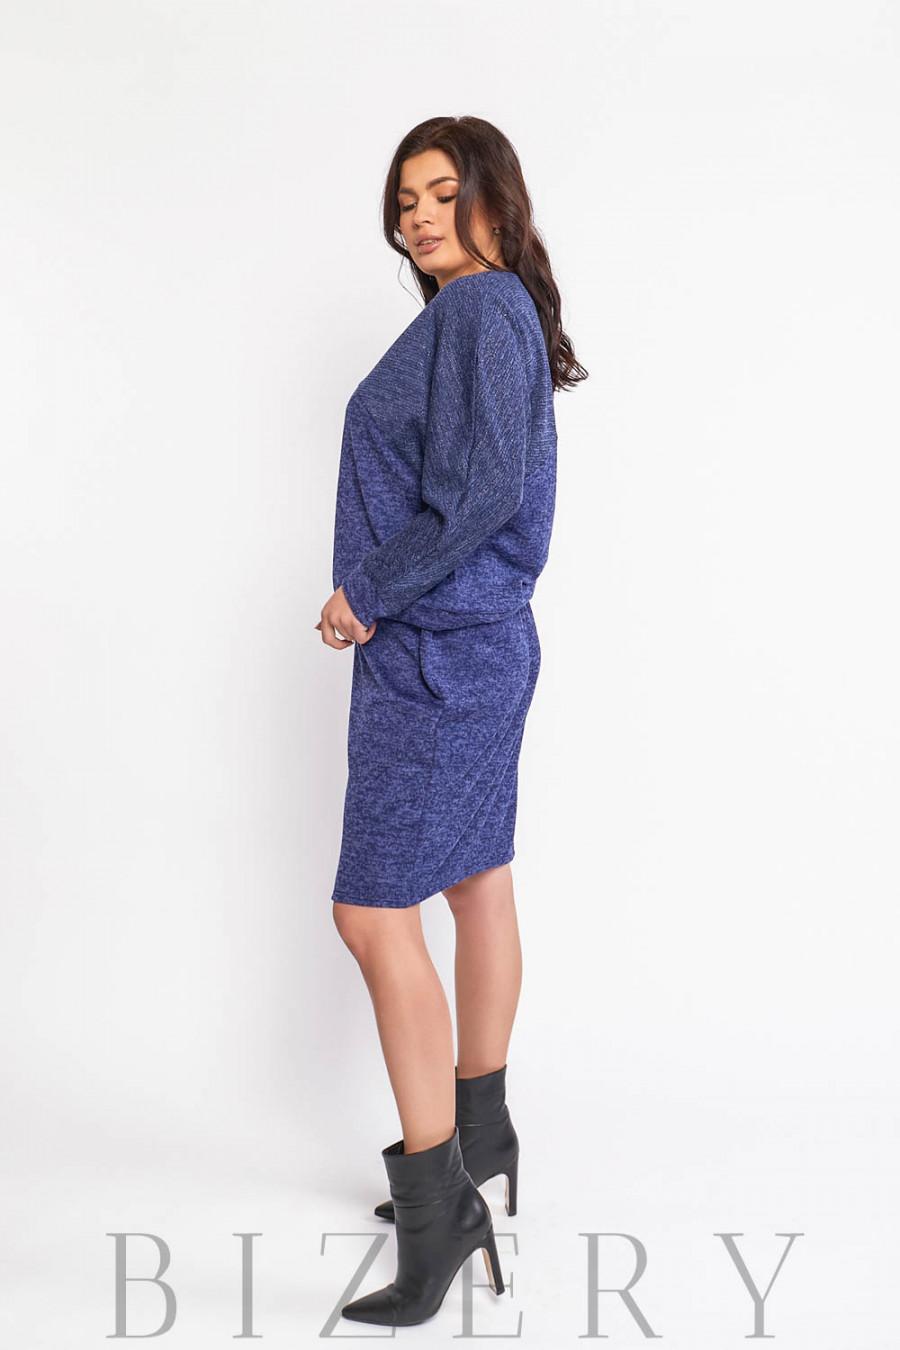 Повседневный костюм с юбкой в синем цвете В574